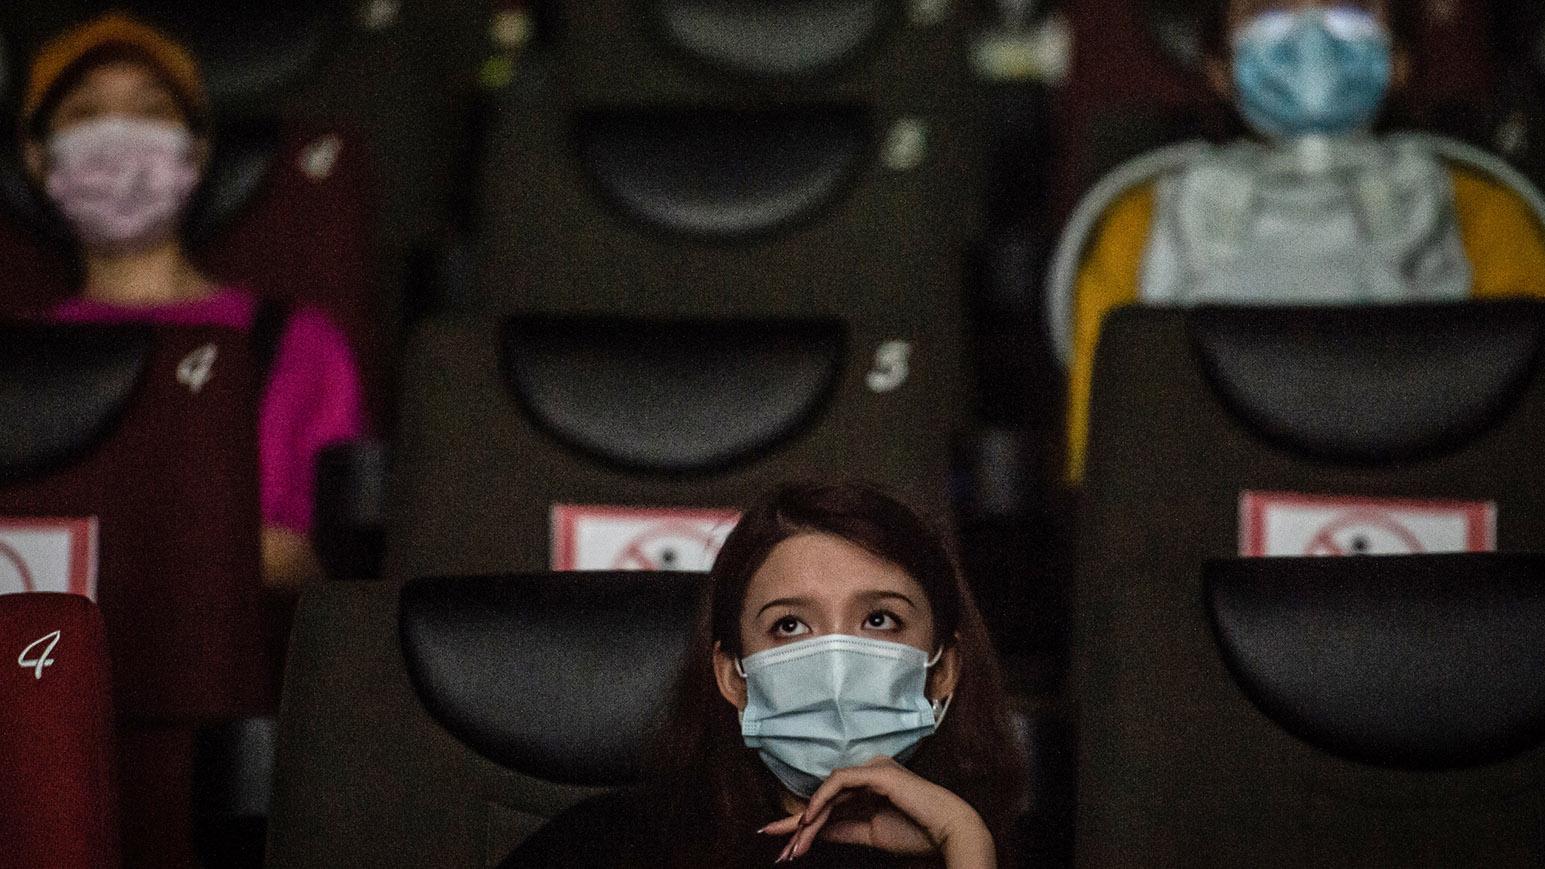 2020年7月20日,民众戴着口罩在武汉的一家电影院看电影。(法新社)